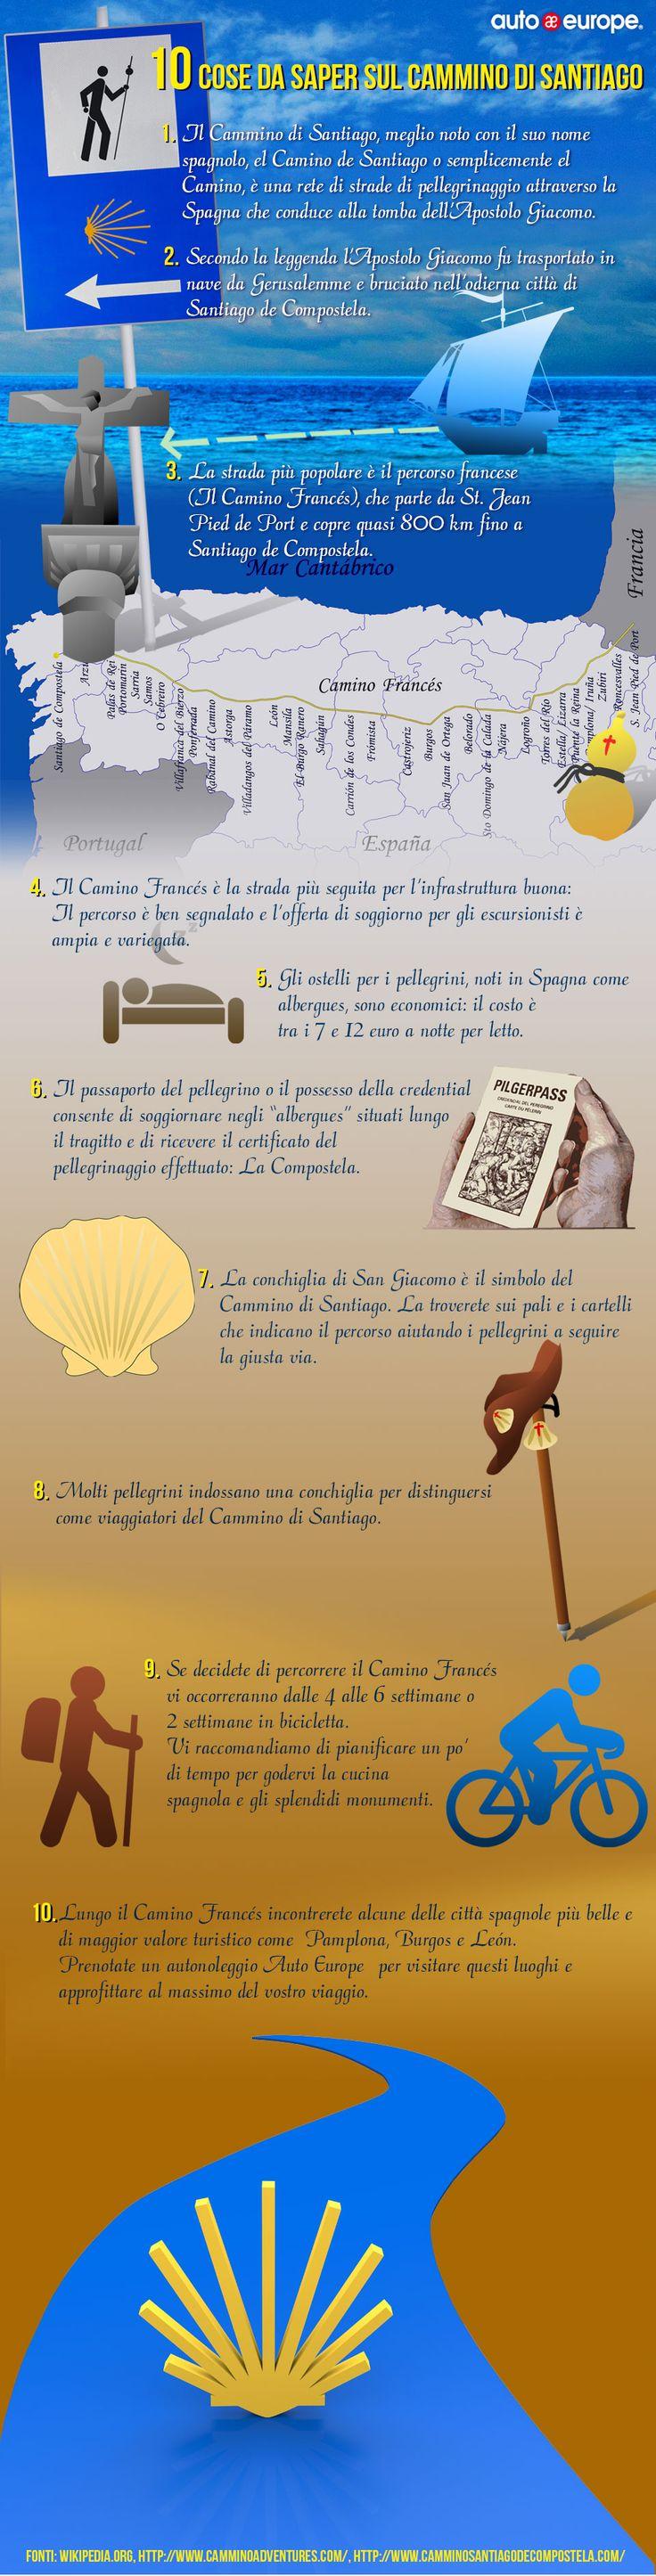 Infografica 10 cose da sapere sul Cammino di Santiago Consulta qui le altre infografiche